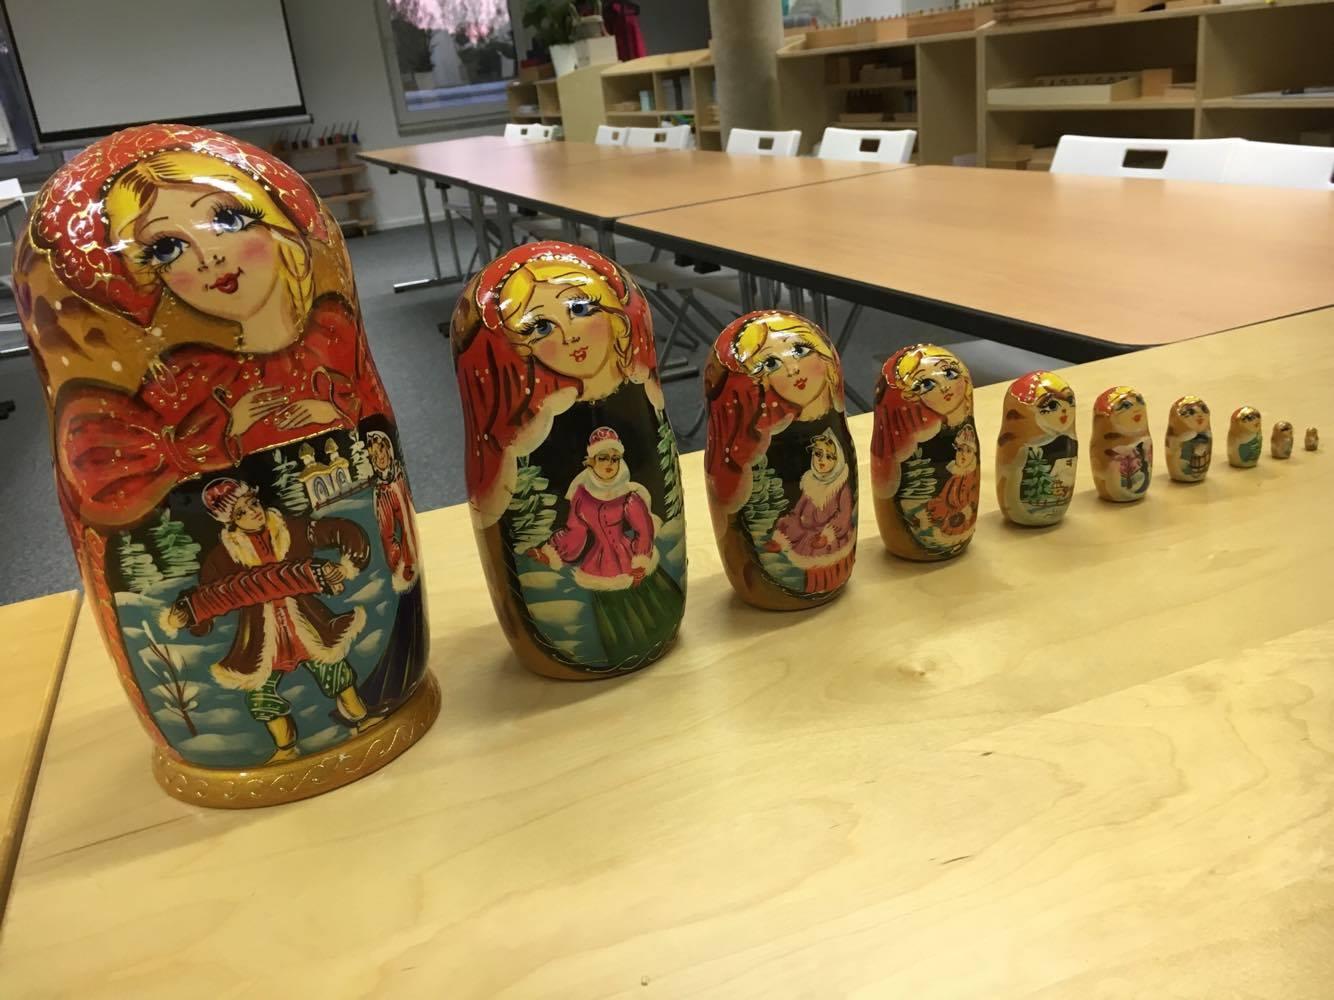 Oh les jolies poupées russes !